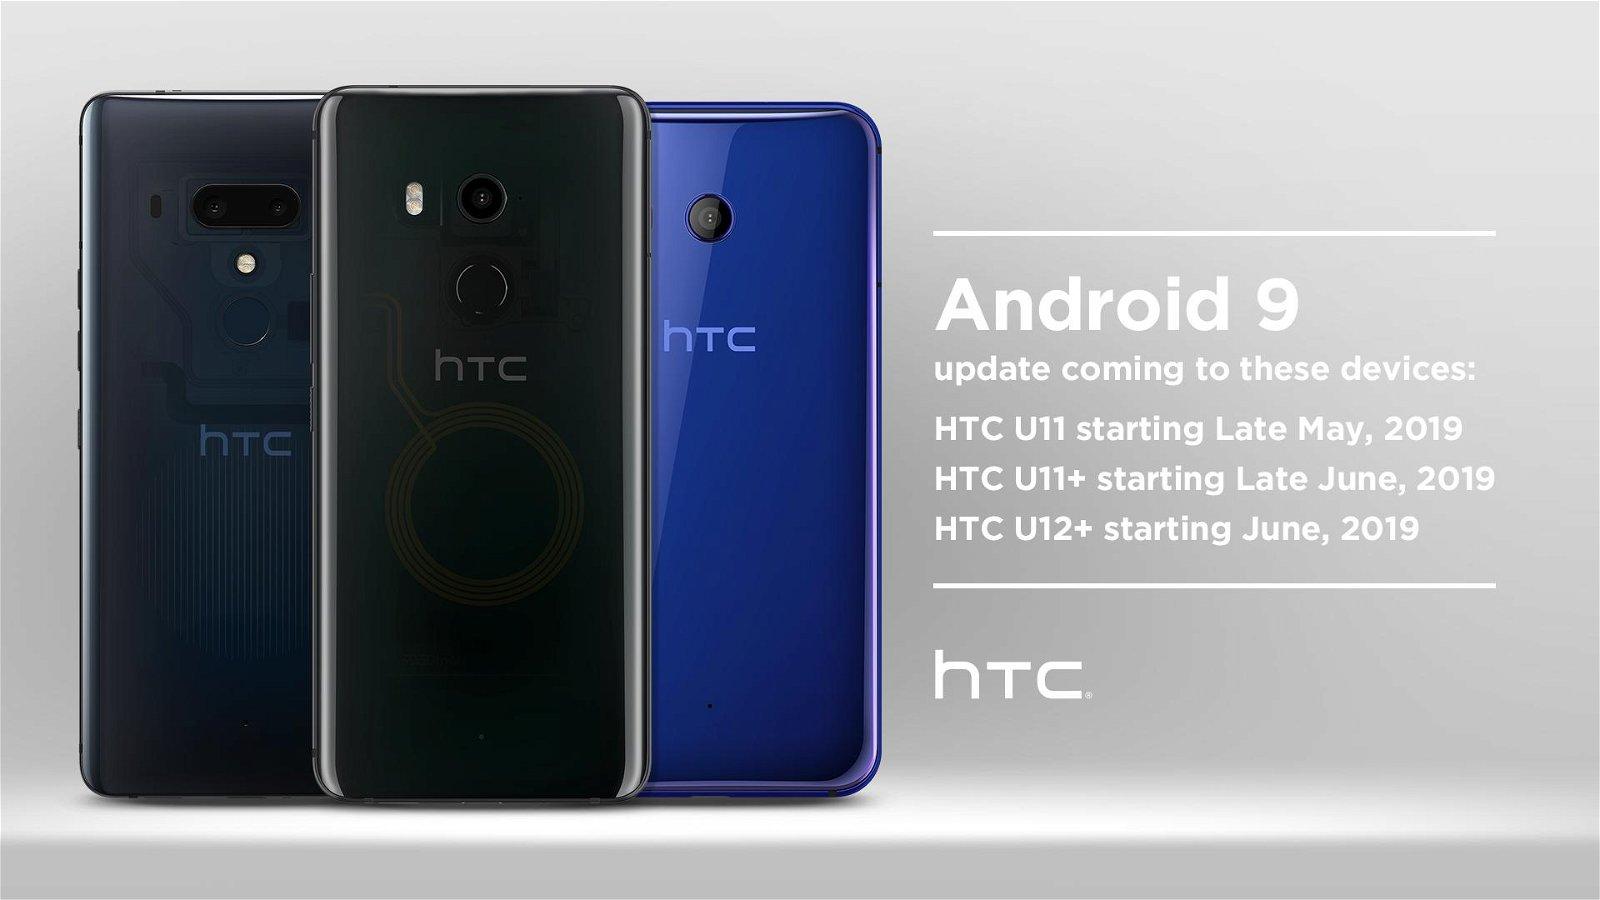 Official Android Pie Update Schedule for HTC U11, U11+, U12+ Announced 1